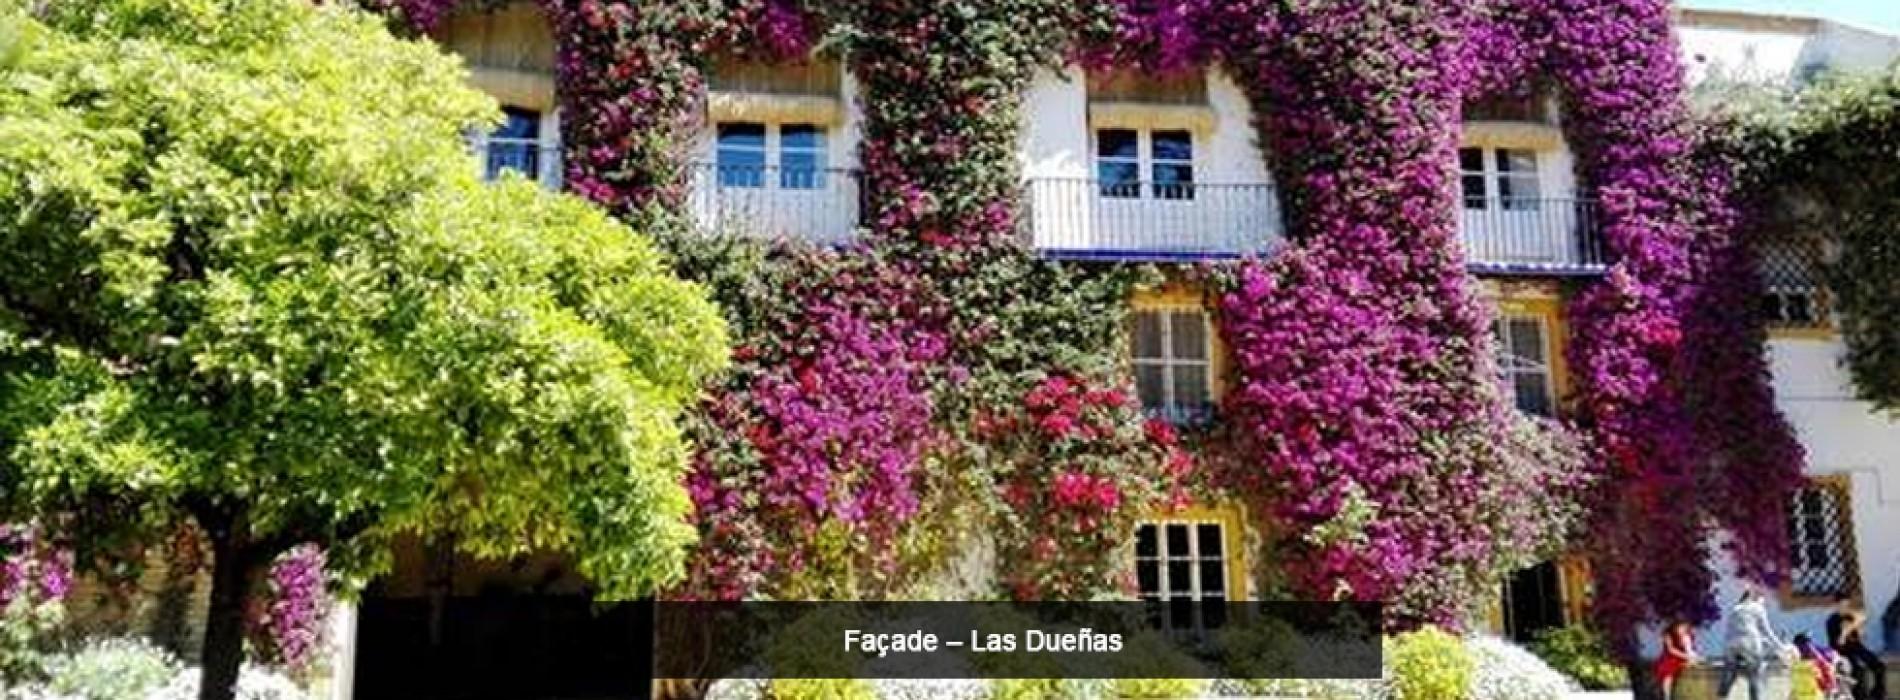 Palacio de las Dueñas – Home of a Seville Icon